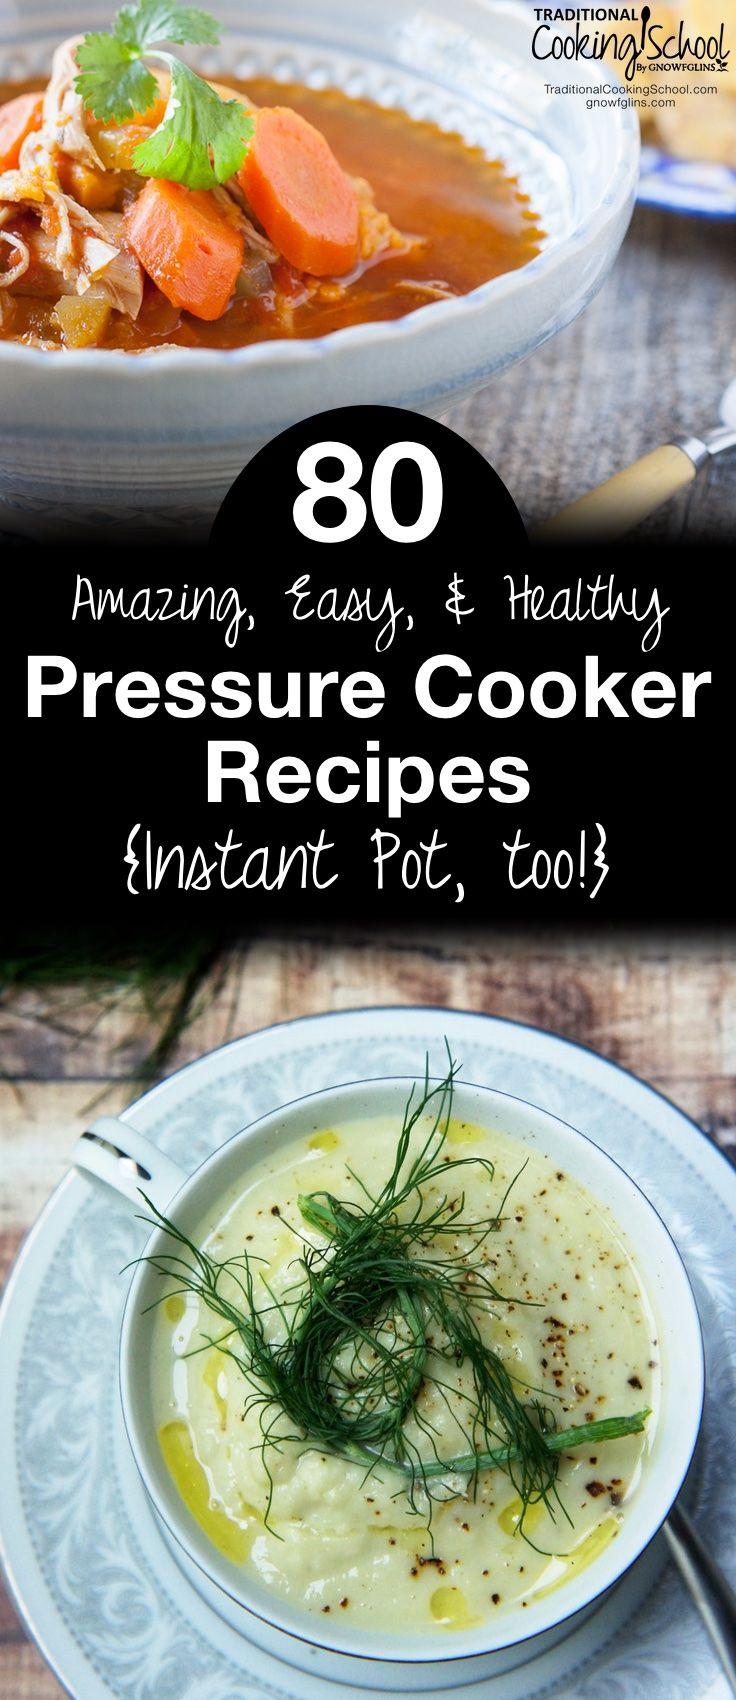 17 Best Images About Instant Pot On Pinterest Hams